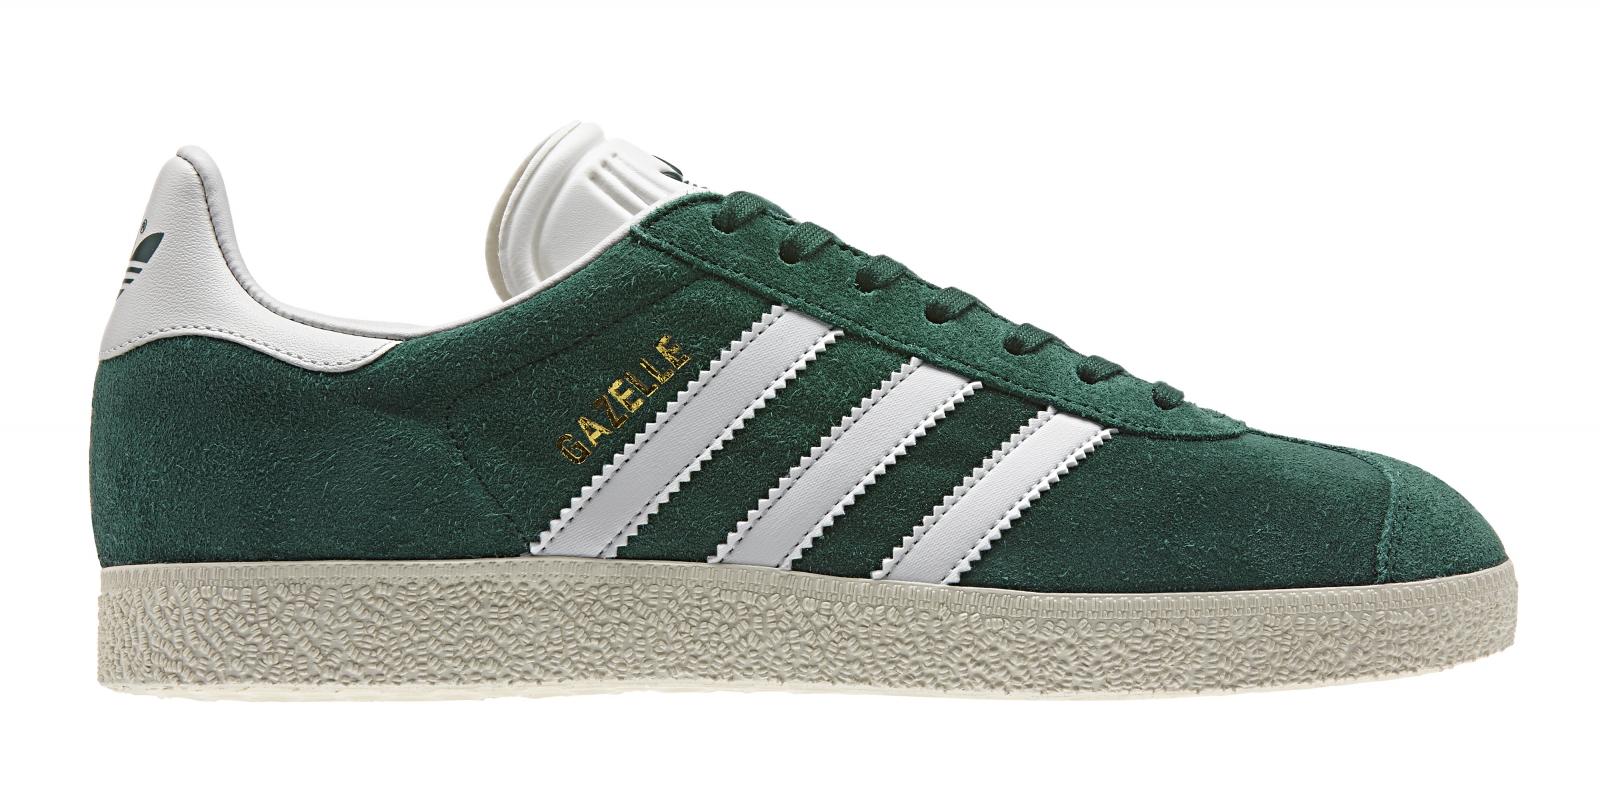 Adidas Gazelle Shoes Uk